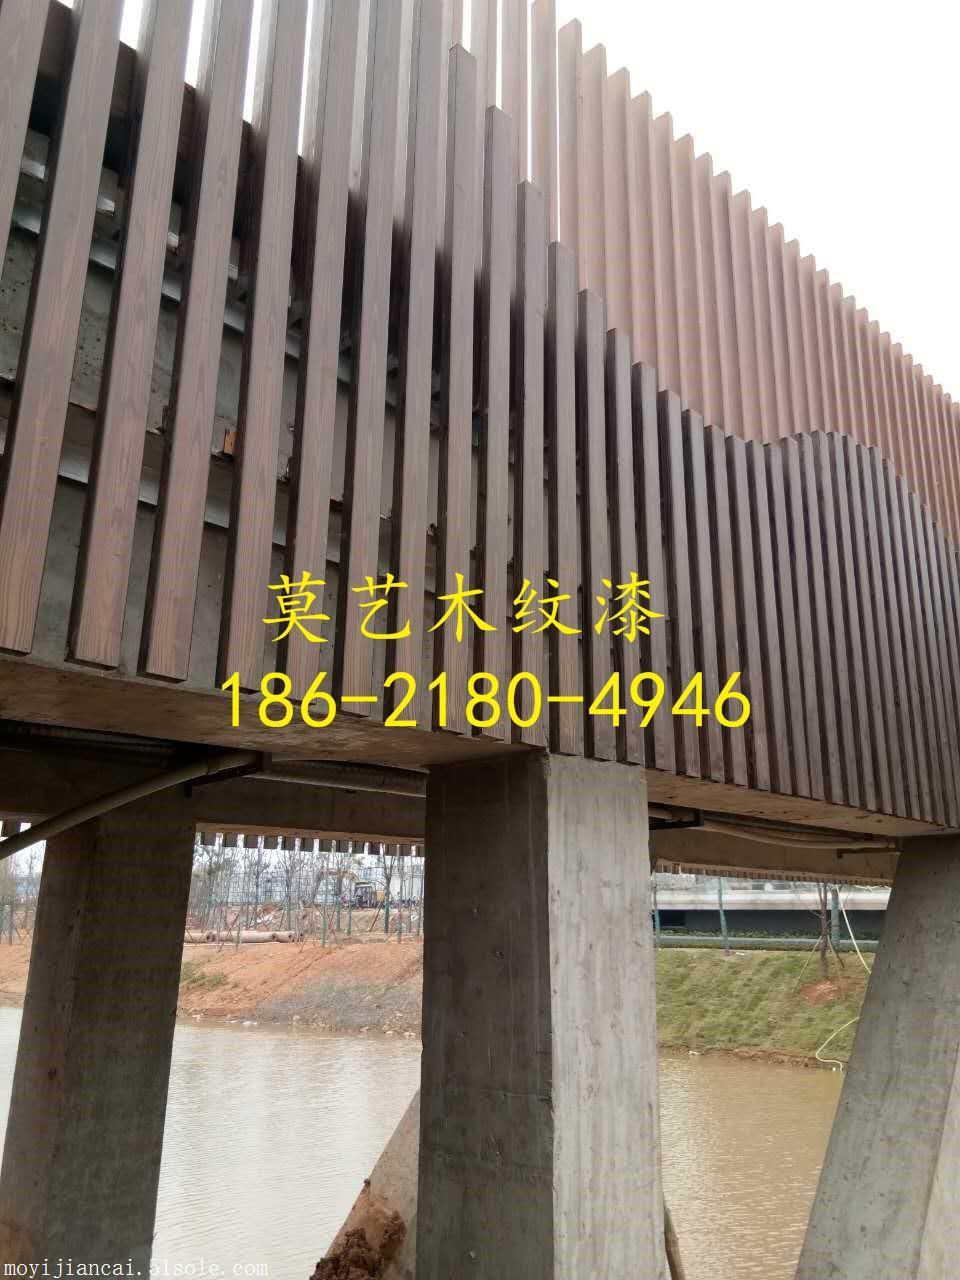 山西钢结构木纹漆施工加盟 廊架木纹漆施工 金属木纹漆价格